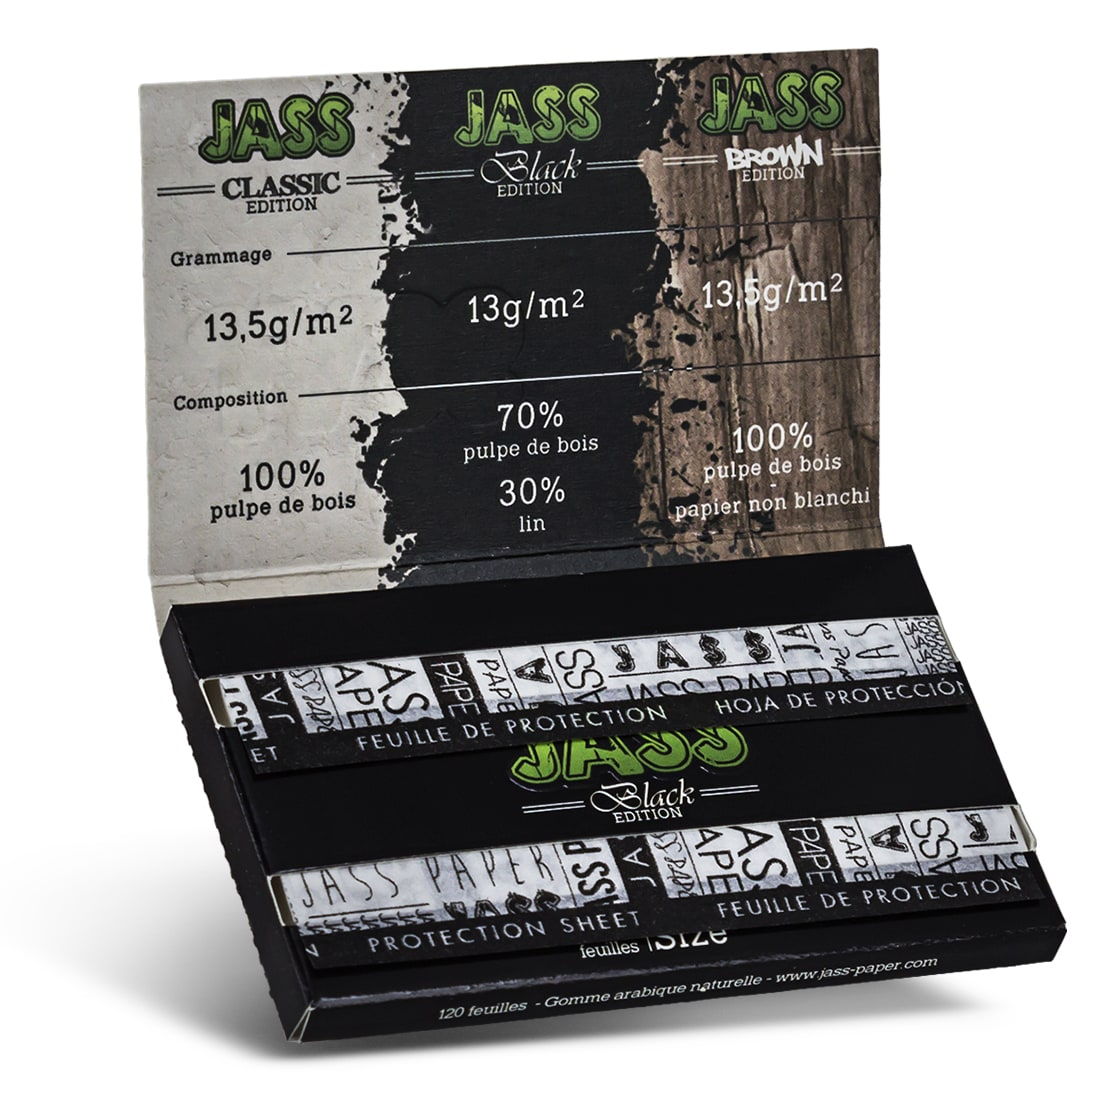 Photo #1 de Papier a rouler Jass Black Edition x 10